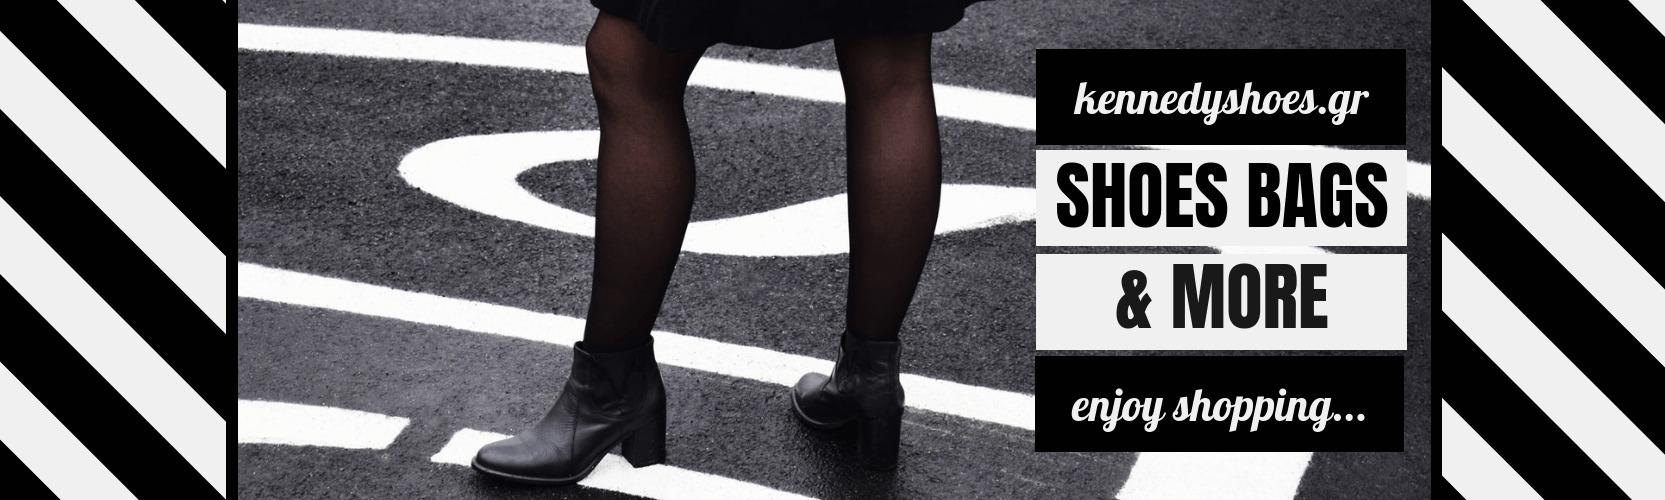 γυναικεια παπουτσα τσαντεσ αξεσουαρ anna grace david jones kennedy shoes